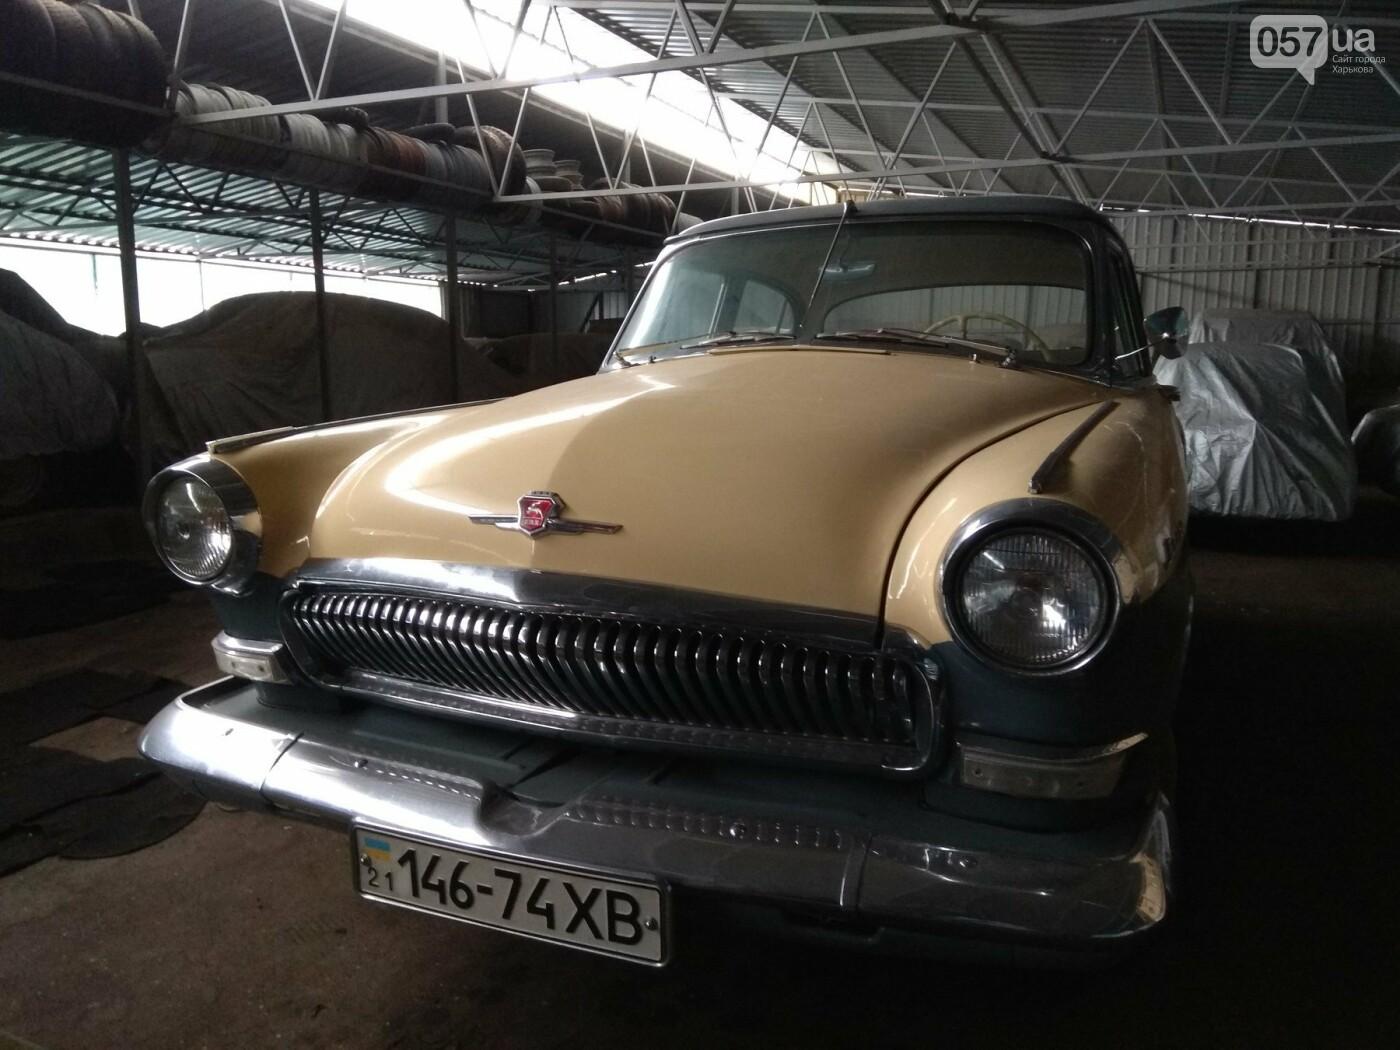 «Buick» Буденного и самодельные машины: как харьковчанин собрал коллекцию из 100 ретро-автомобилей, - ФОТО, фото-2